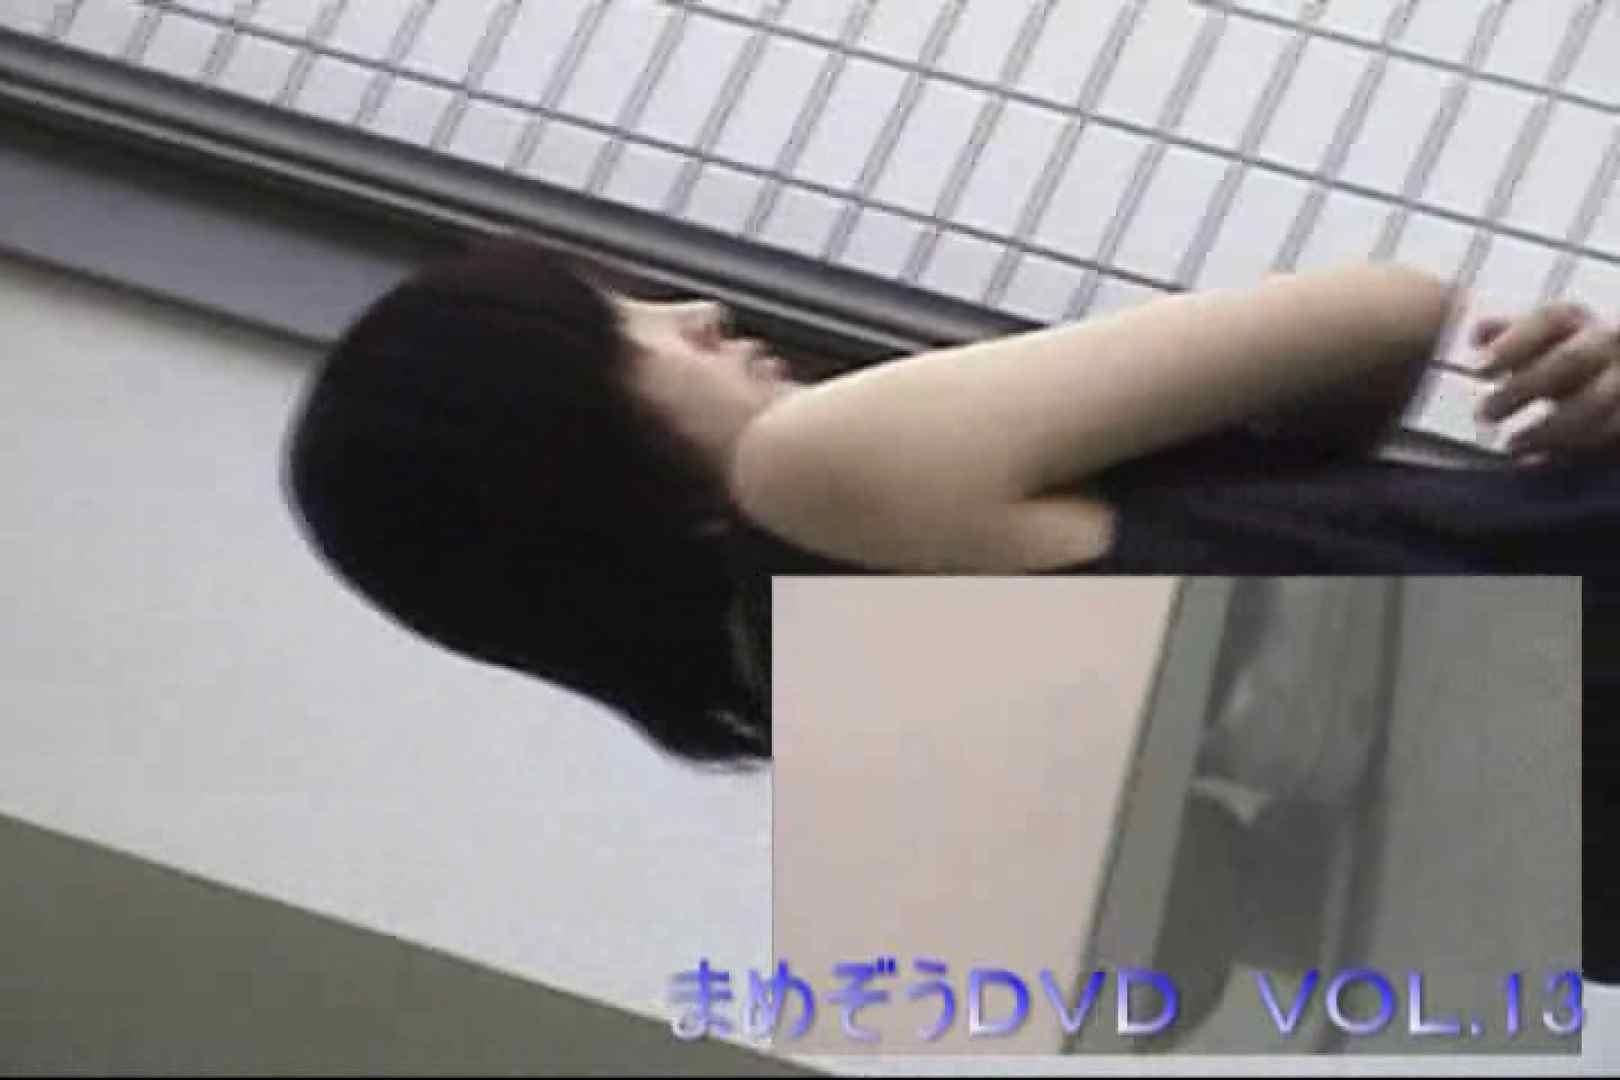 まめぞうDVD完全版VOL.13 ギャル攻め  104画像 20